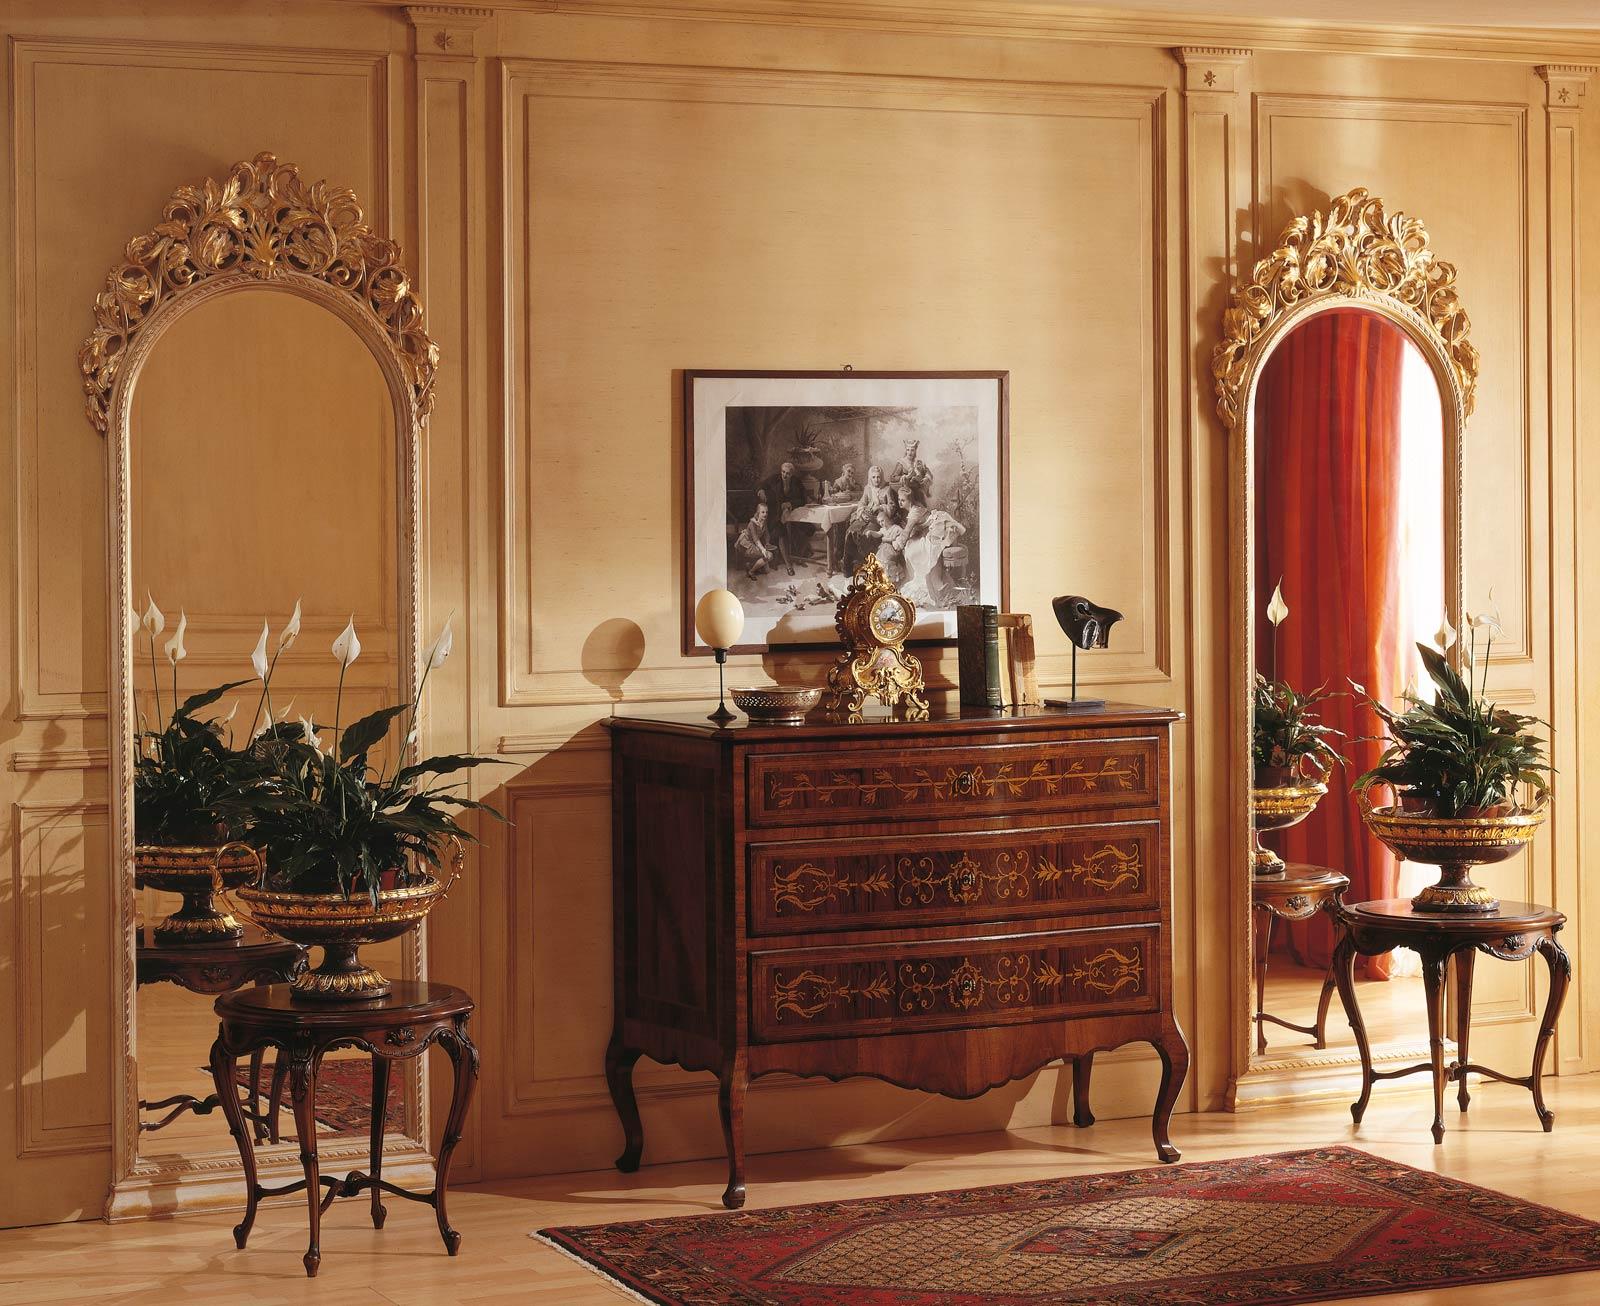 Camera da letto classica louvre com e specchi a muro - Specchiere camera da letto ...